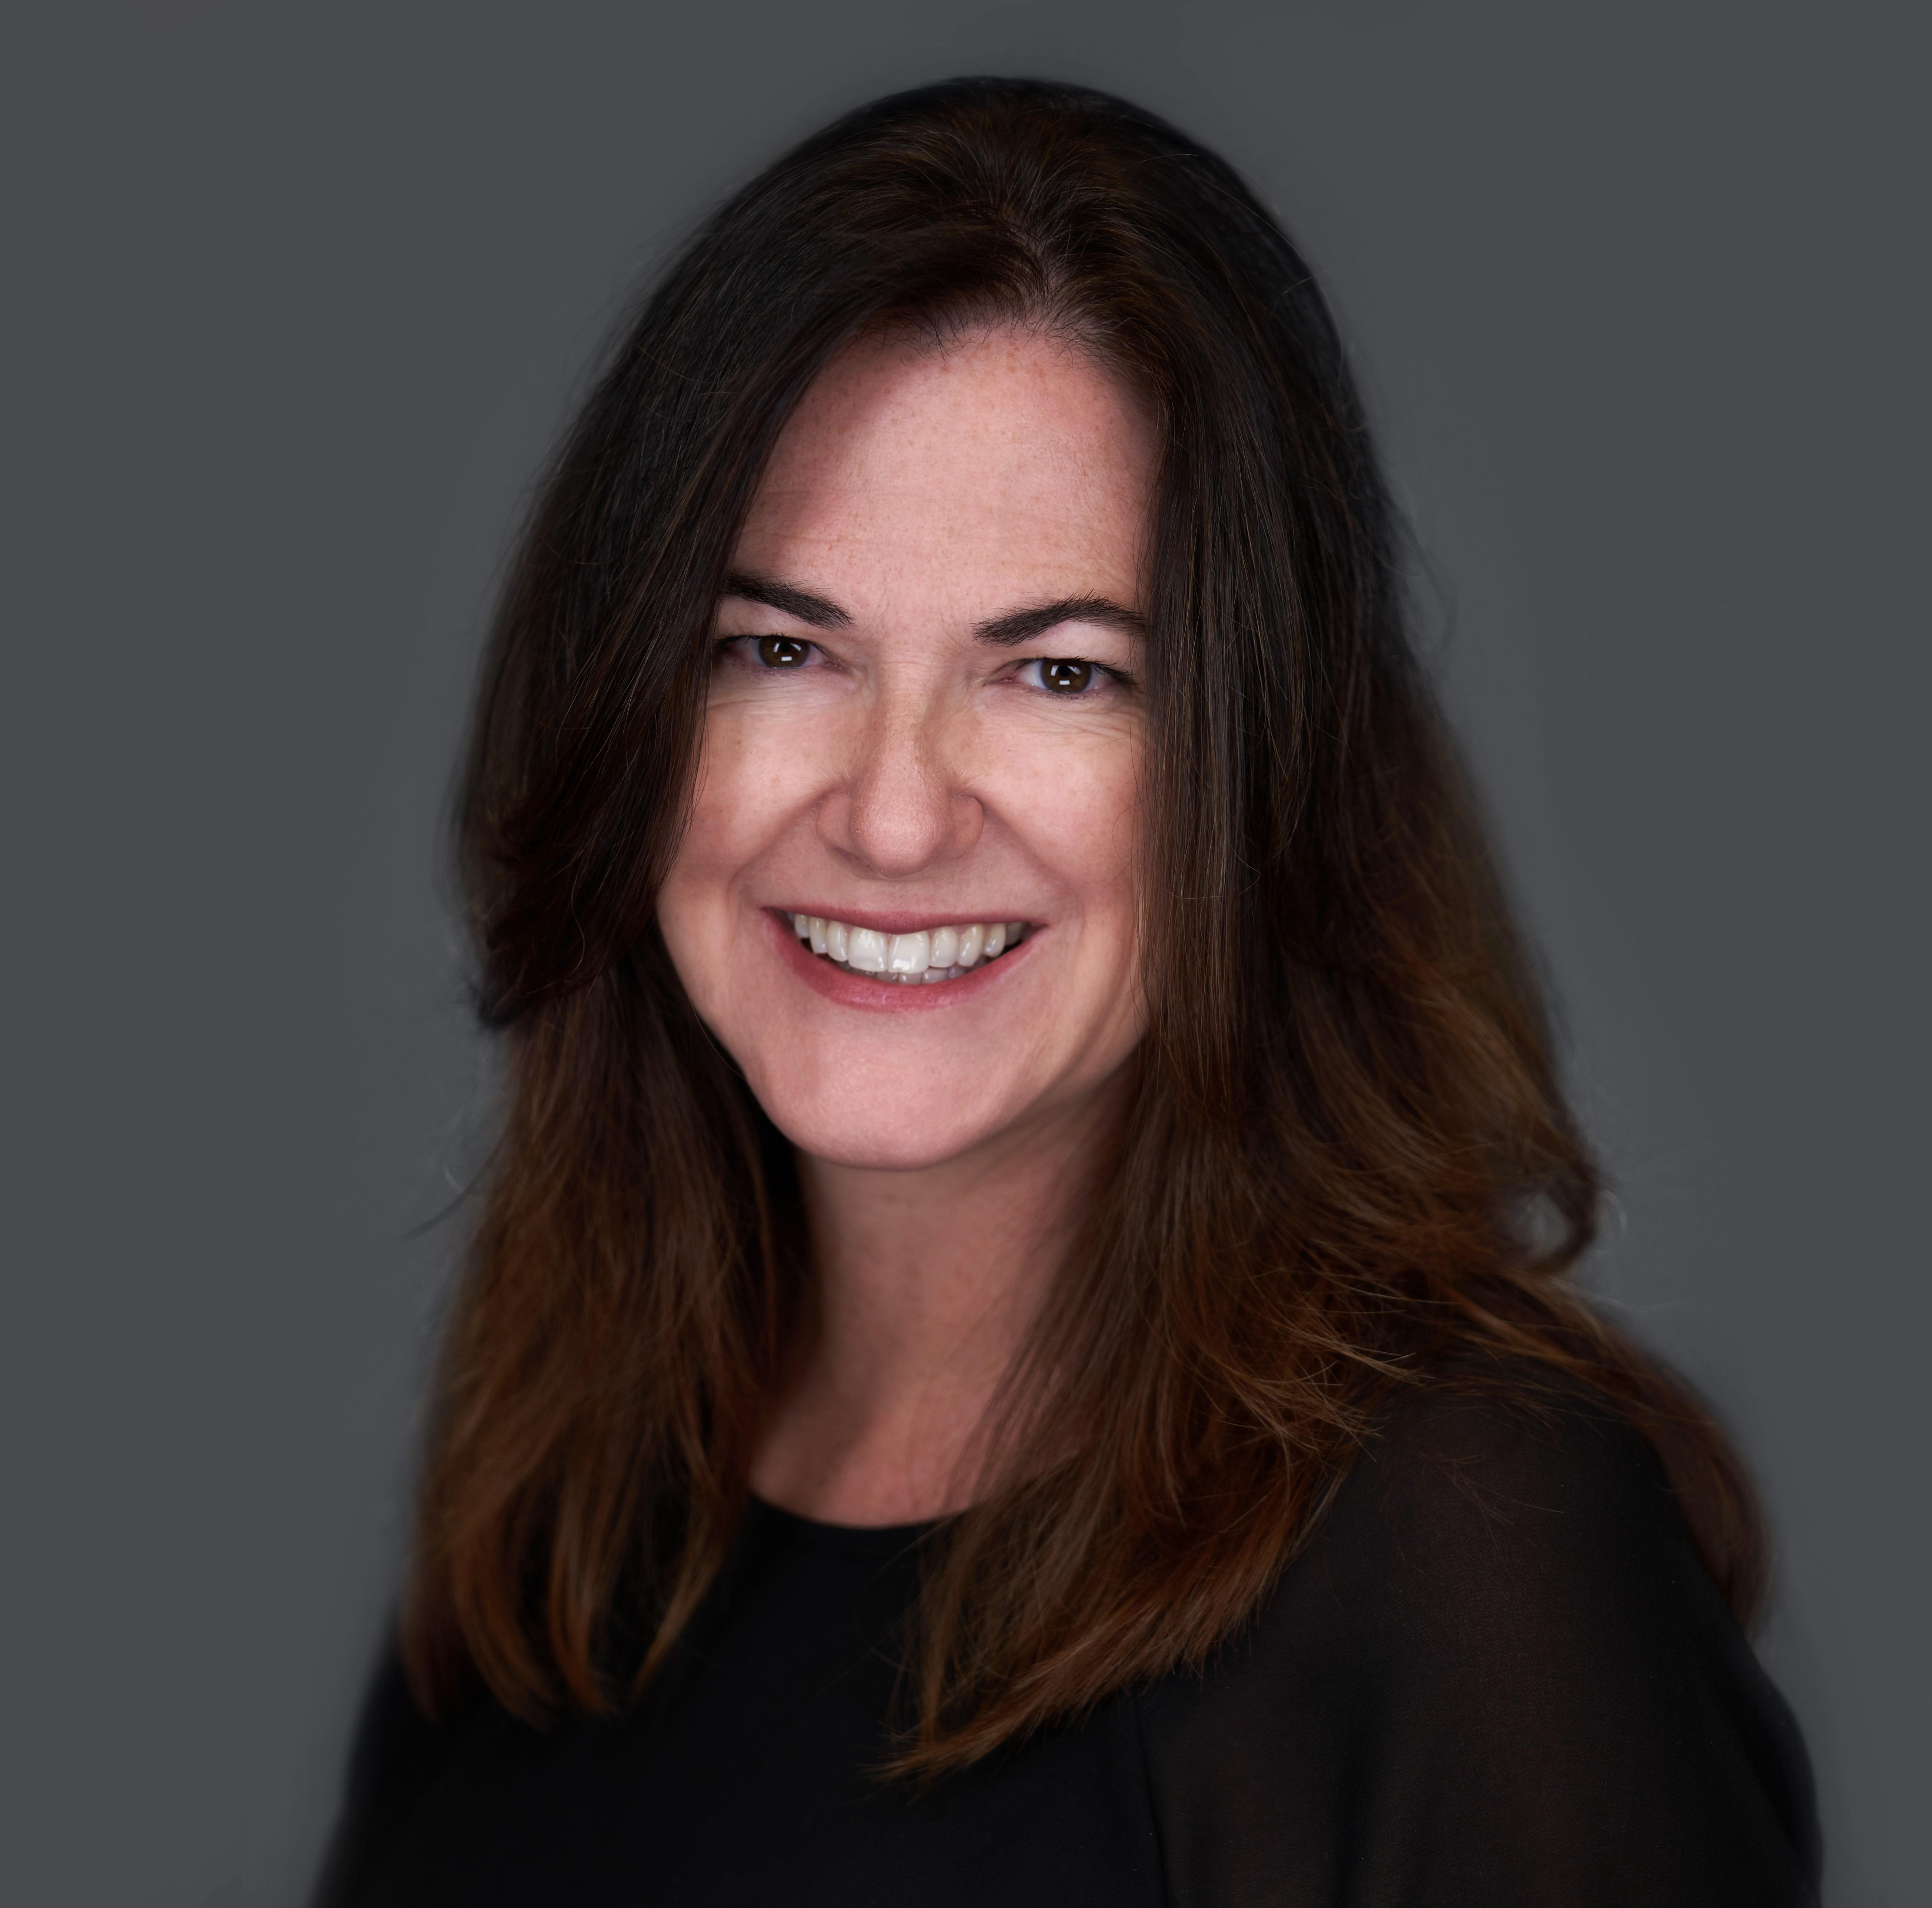 MaureenBolen (2)